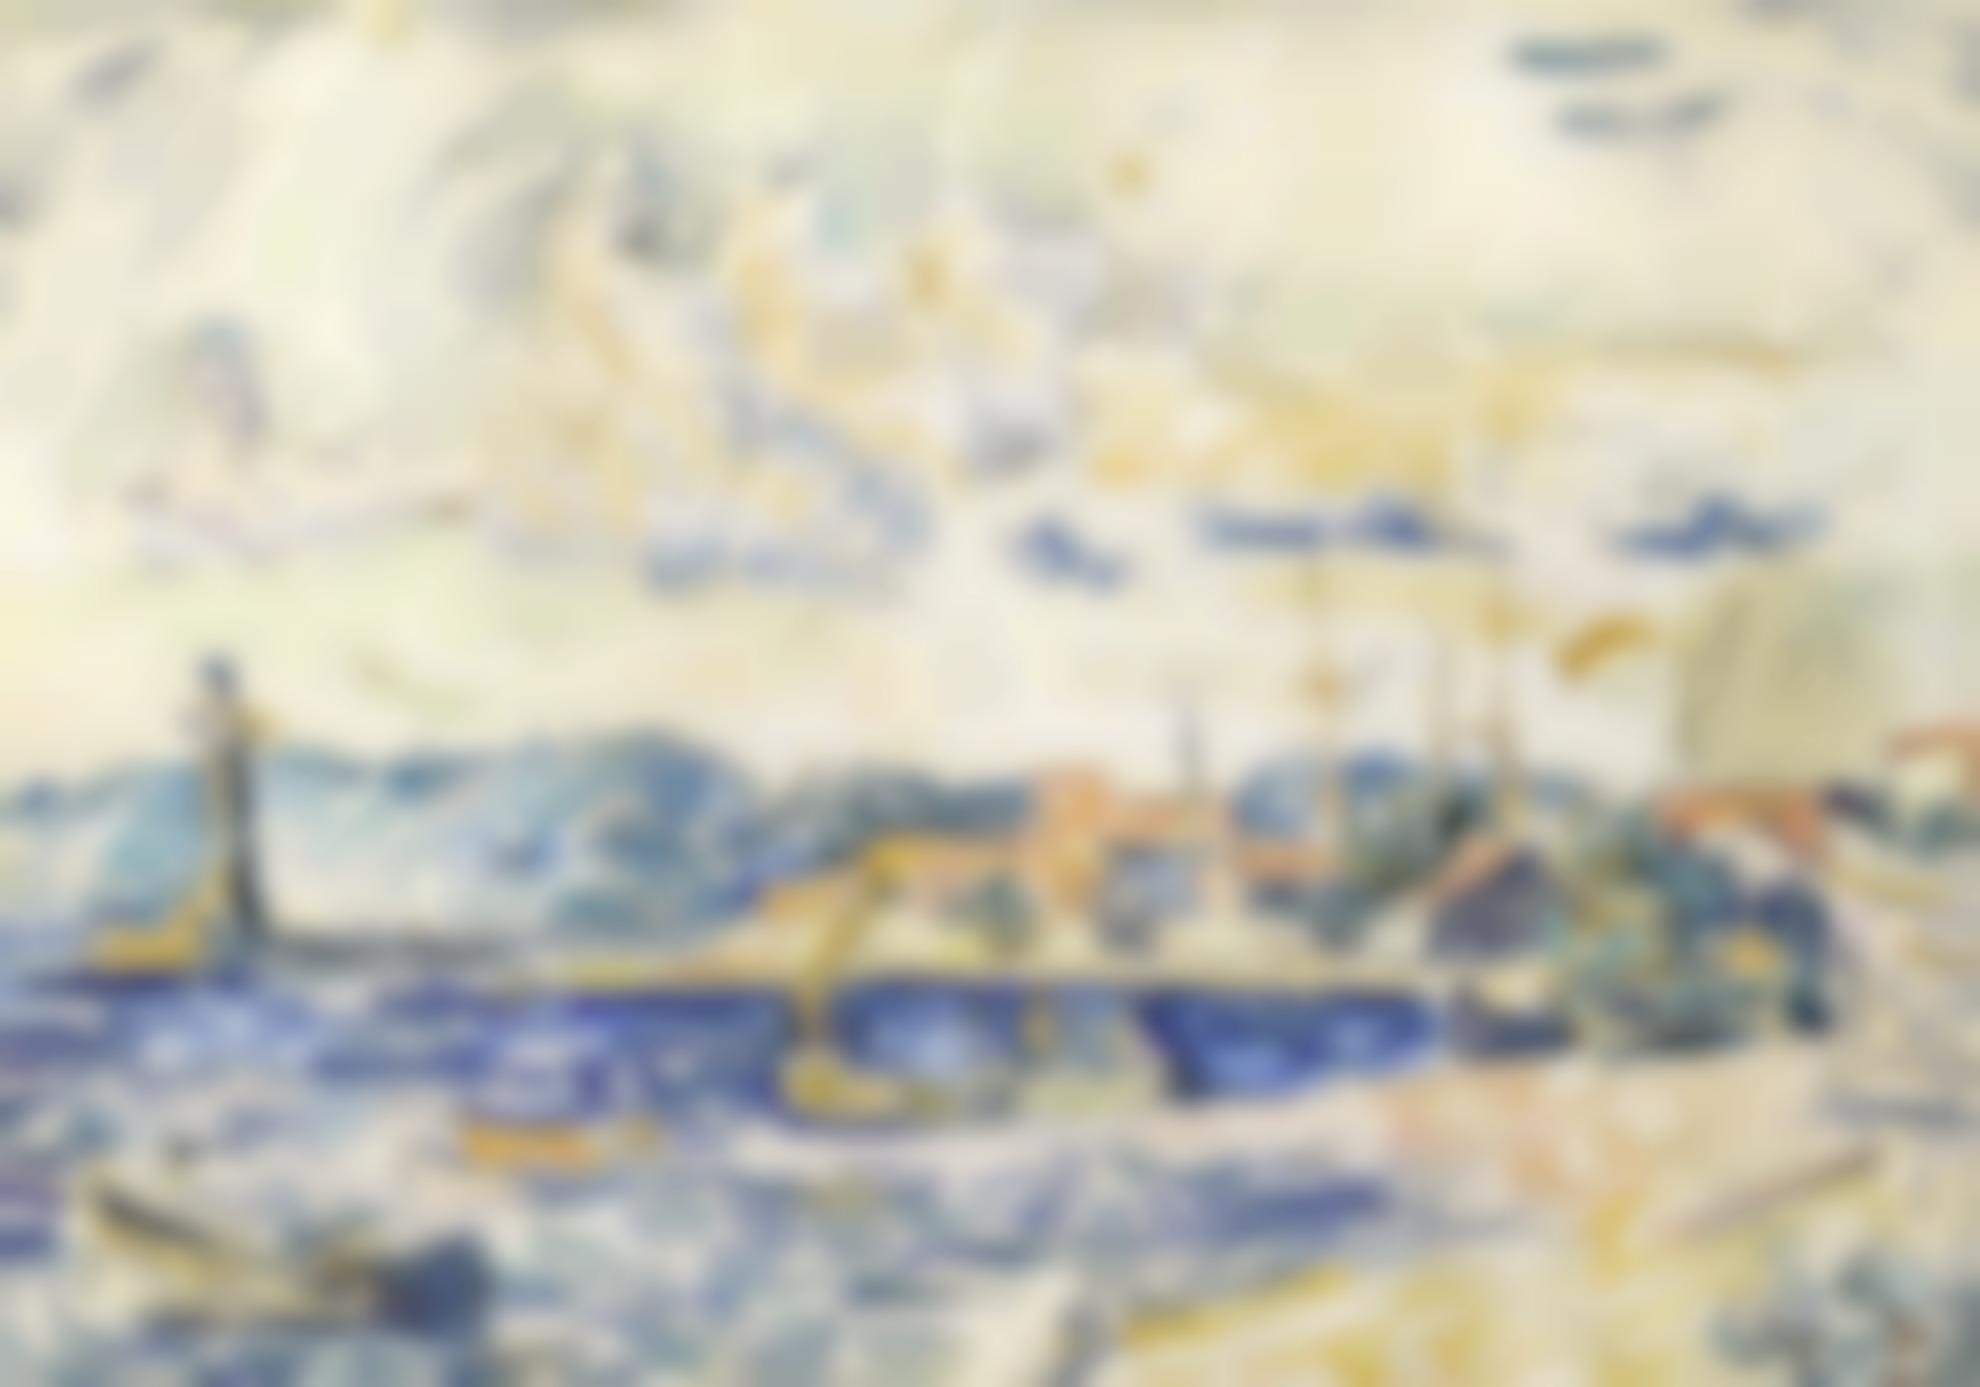 Paul Signac-Saint-Tropez-1900